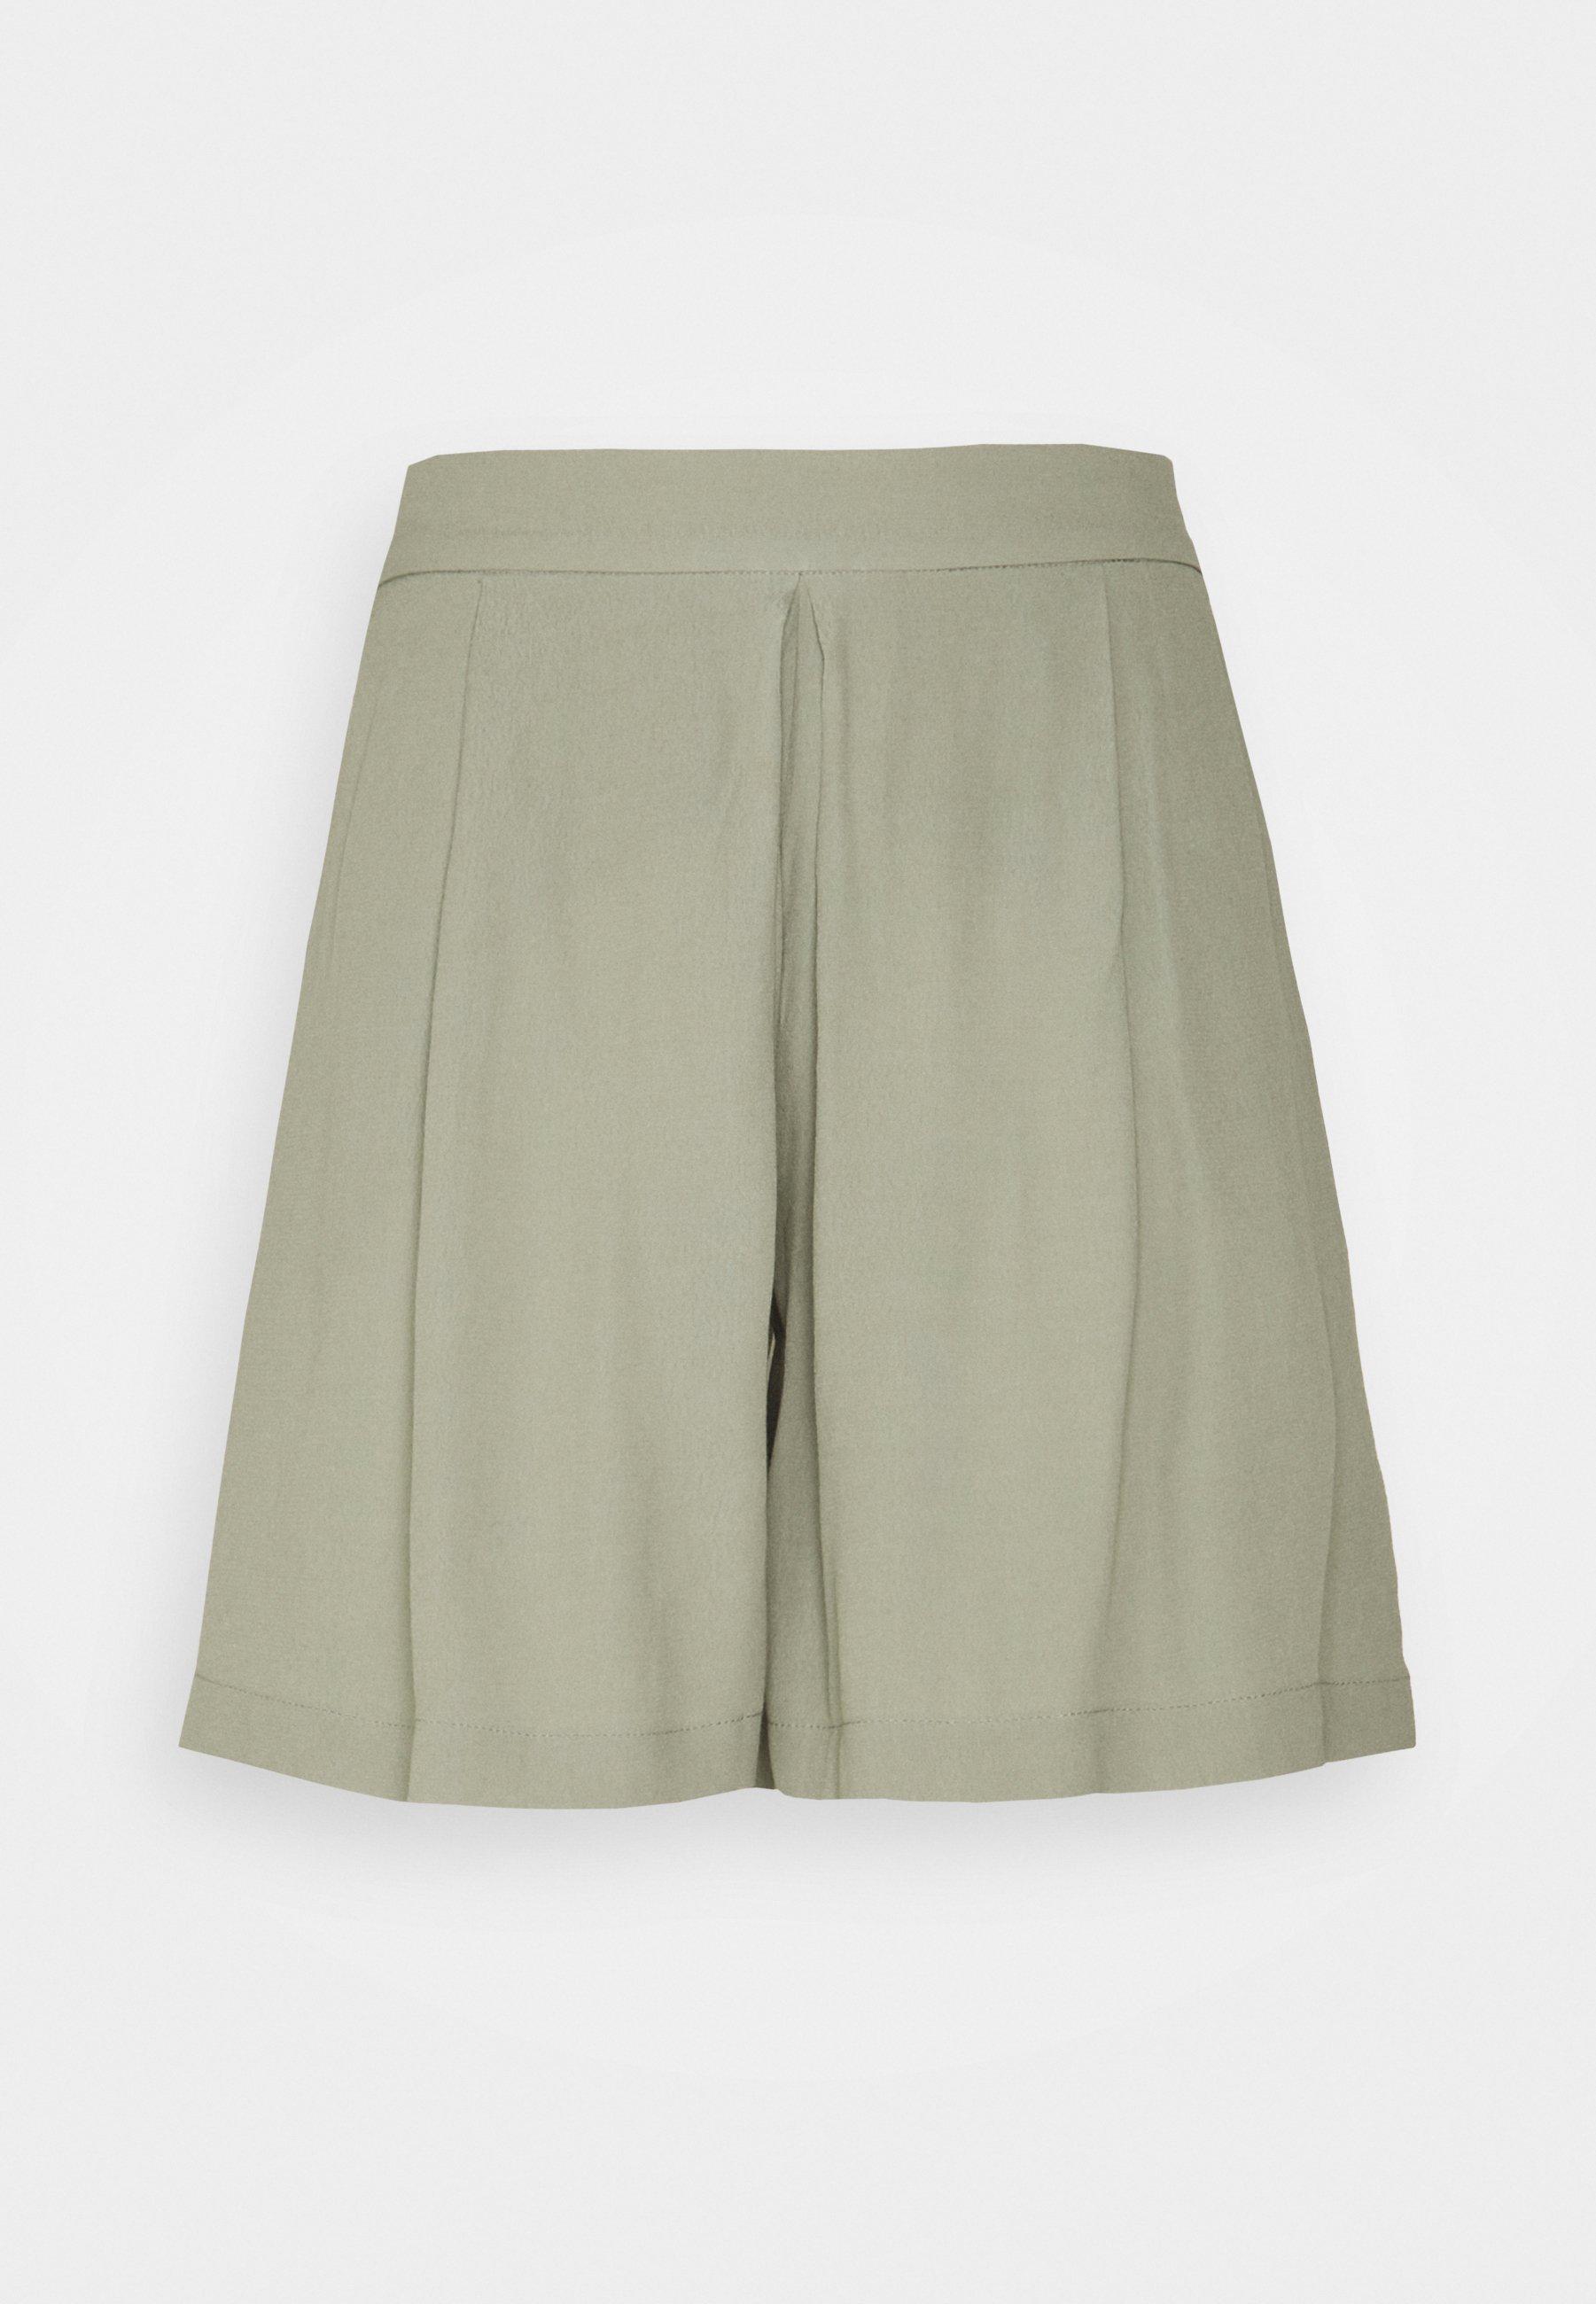 Donna LILLI DAPHNE - Shorts